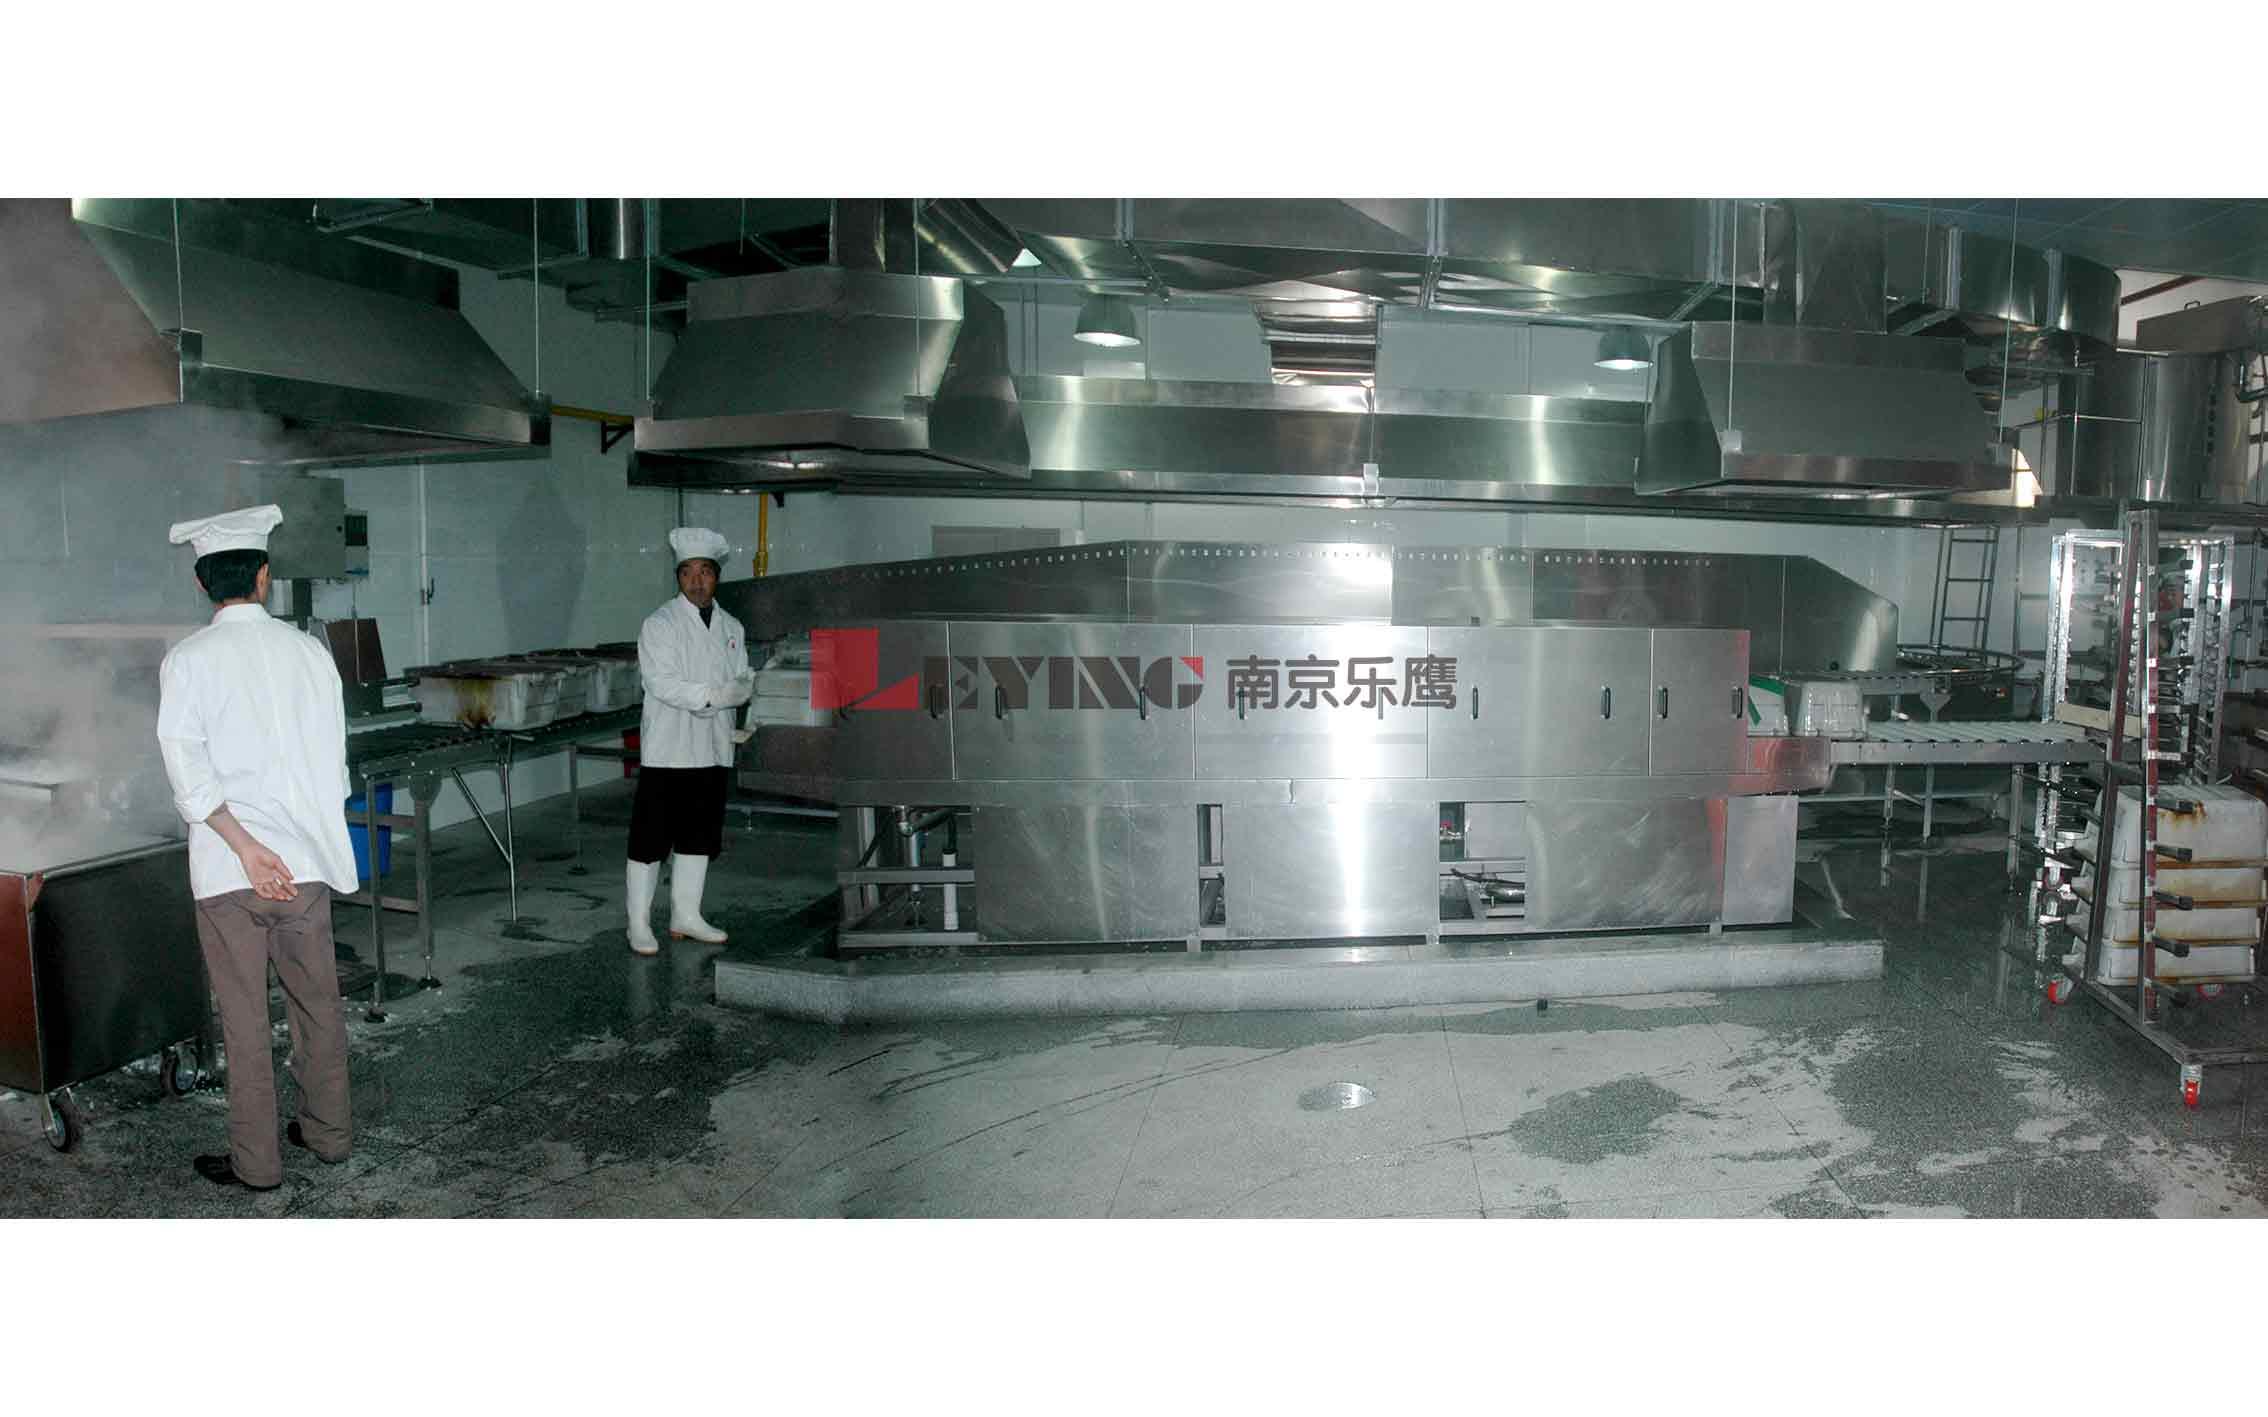 中央厨房 / 西安交通大学中央厨房设备米饭生产线